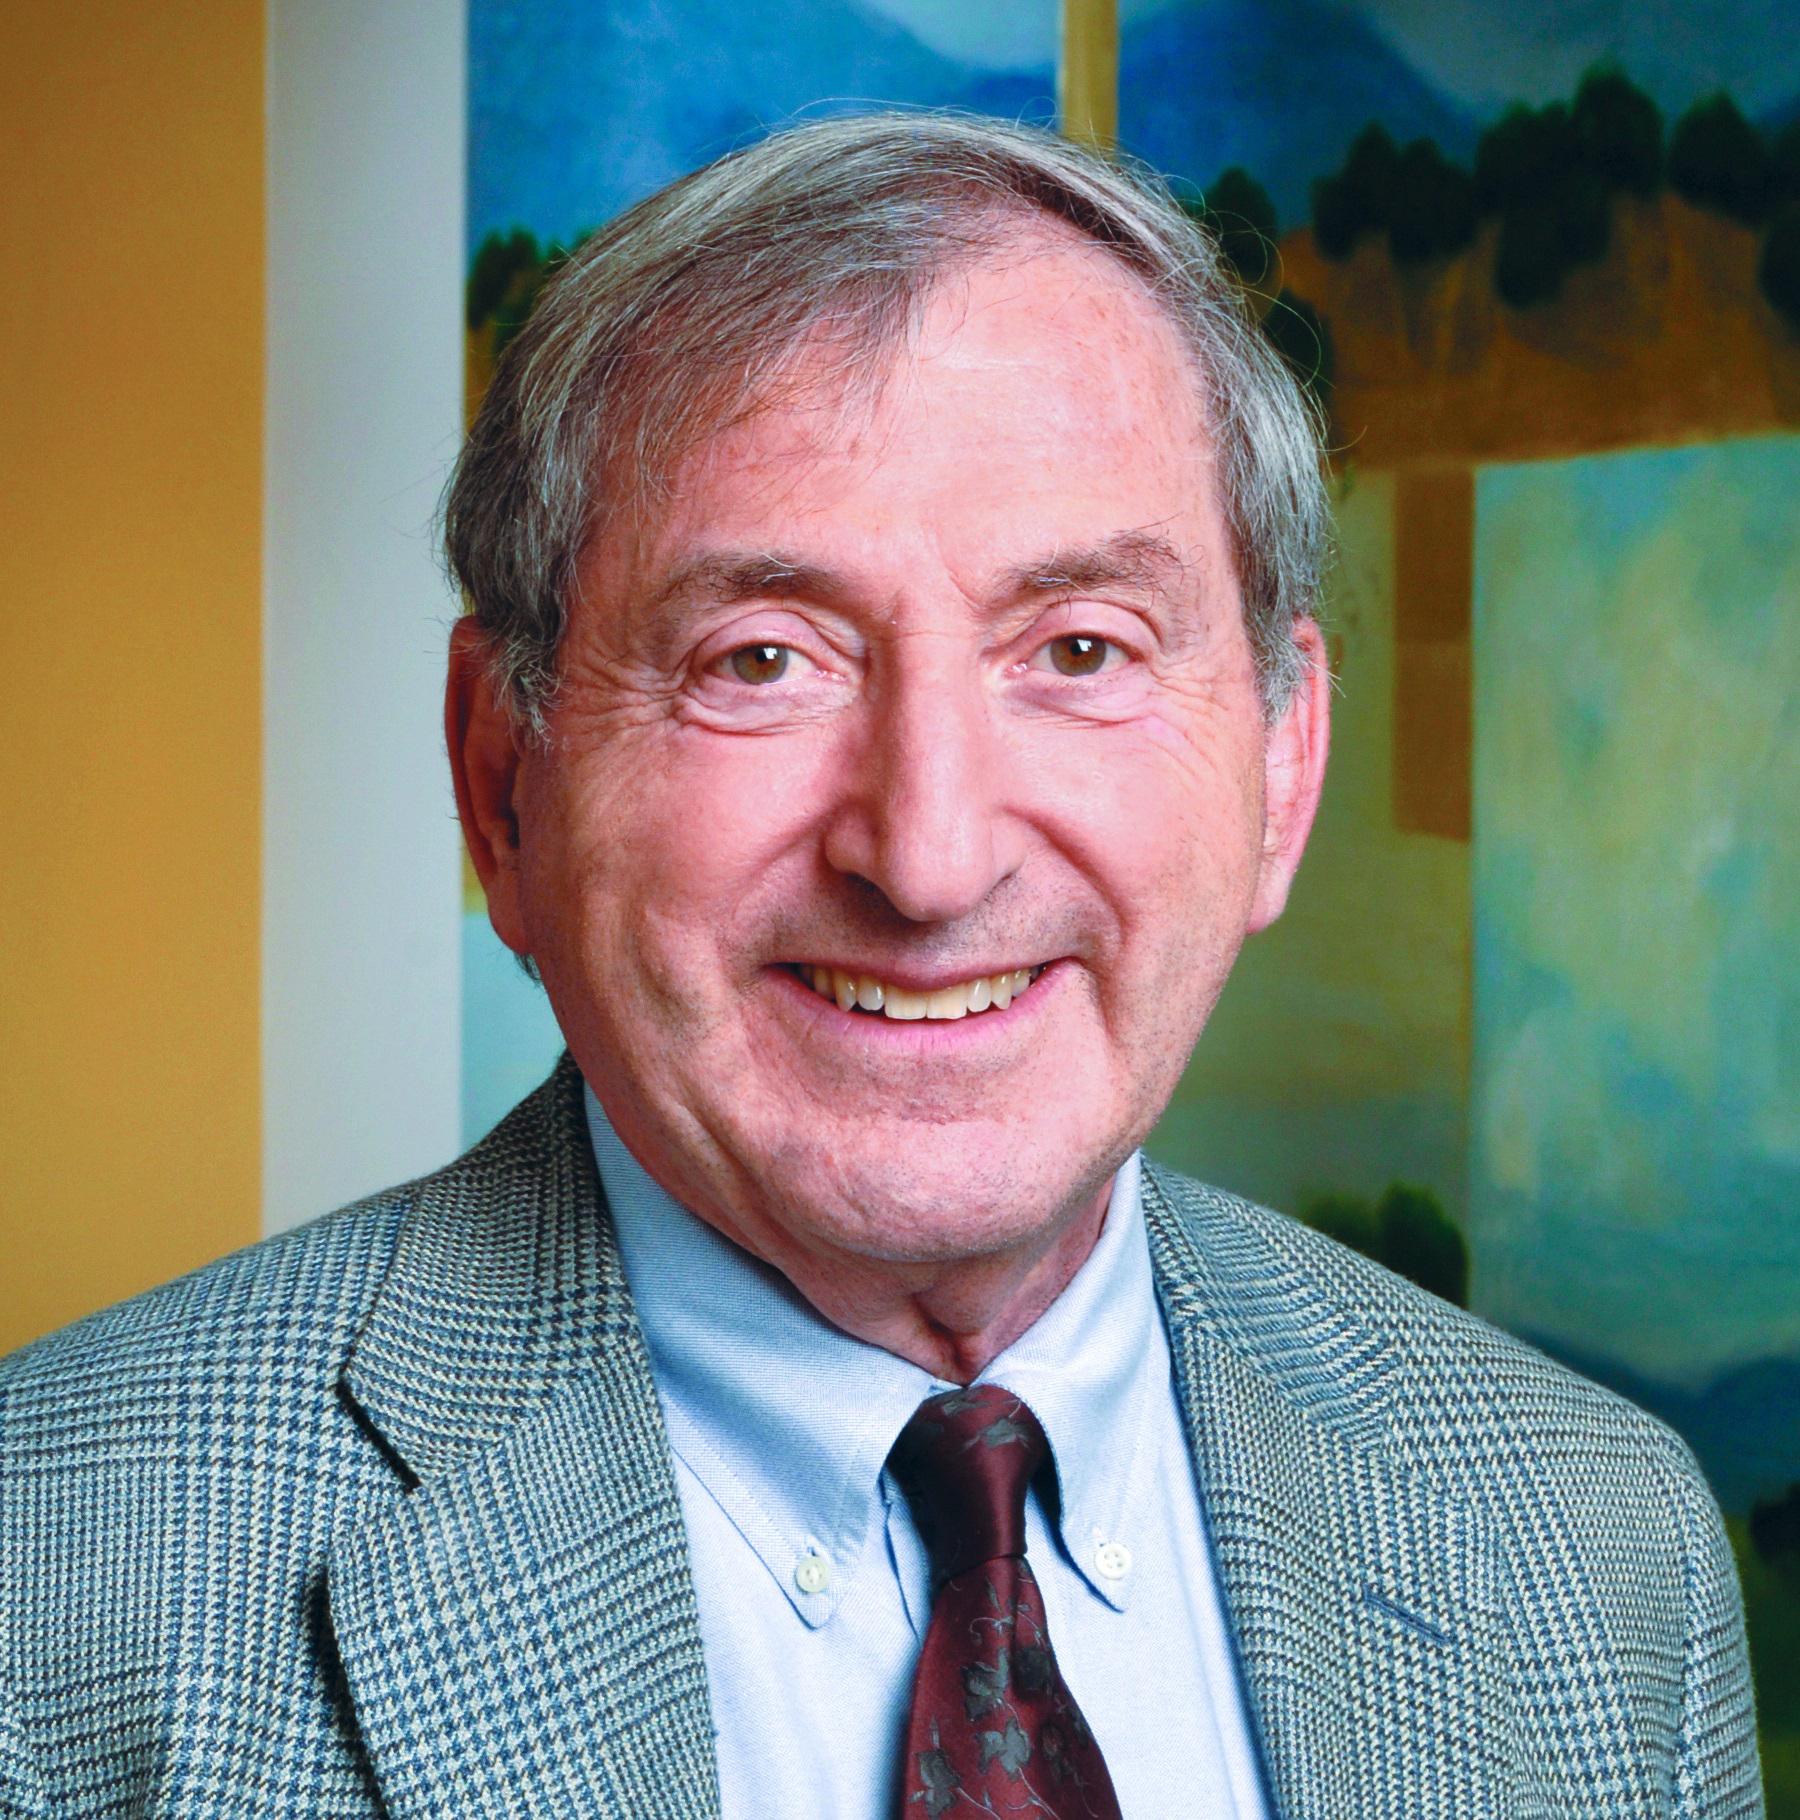 Norman S. Coplon